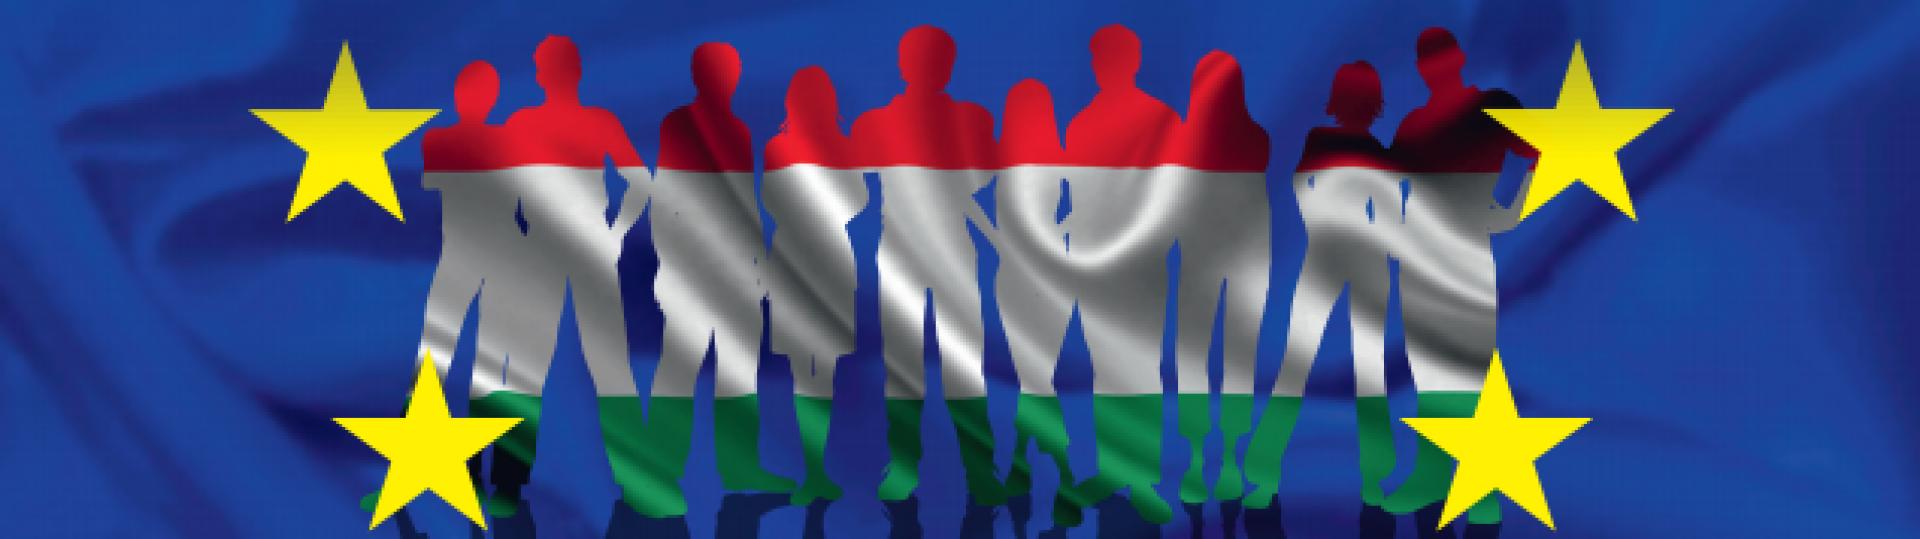 Konferencia: 15 év után – Az Európai Unió és a magyar társadalom